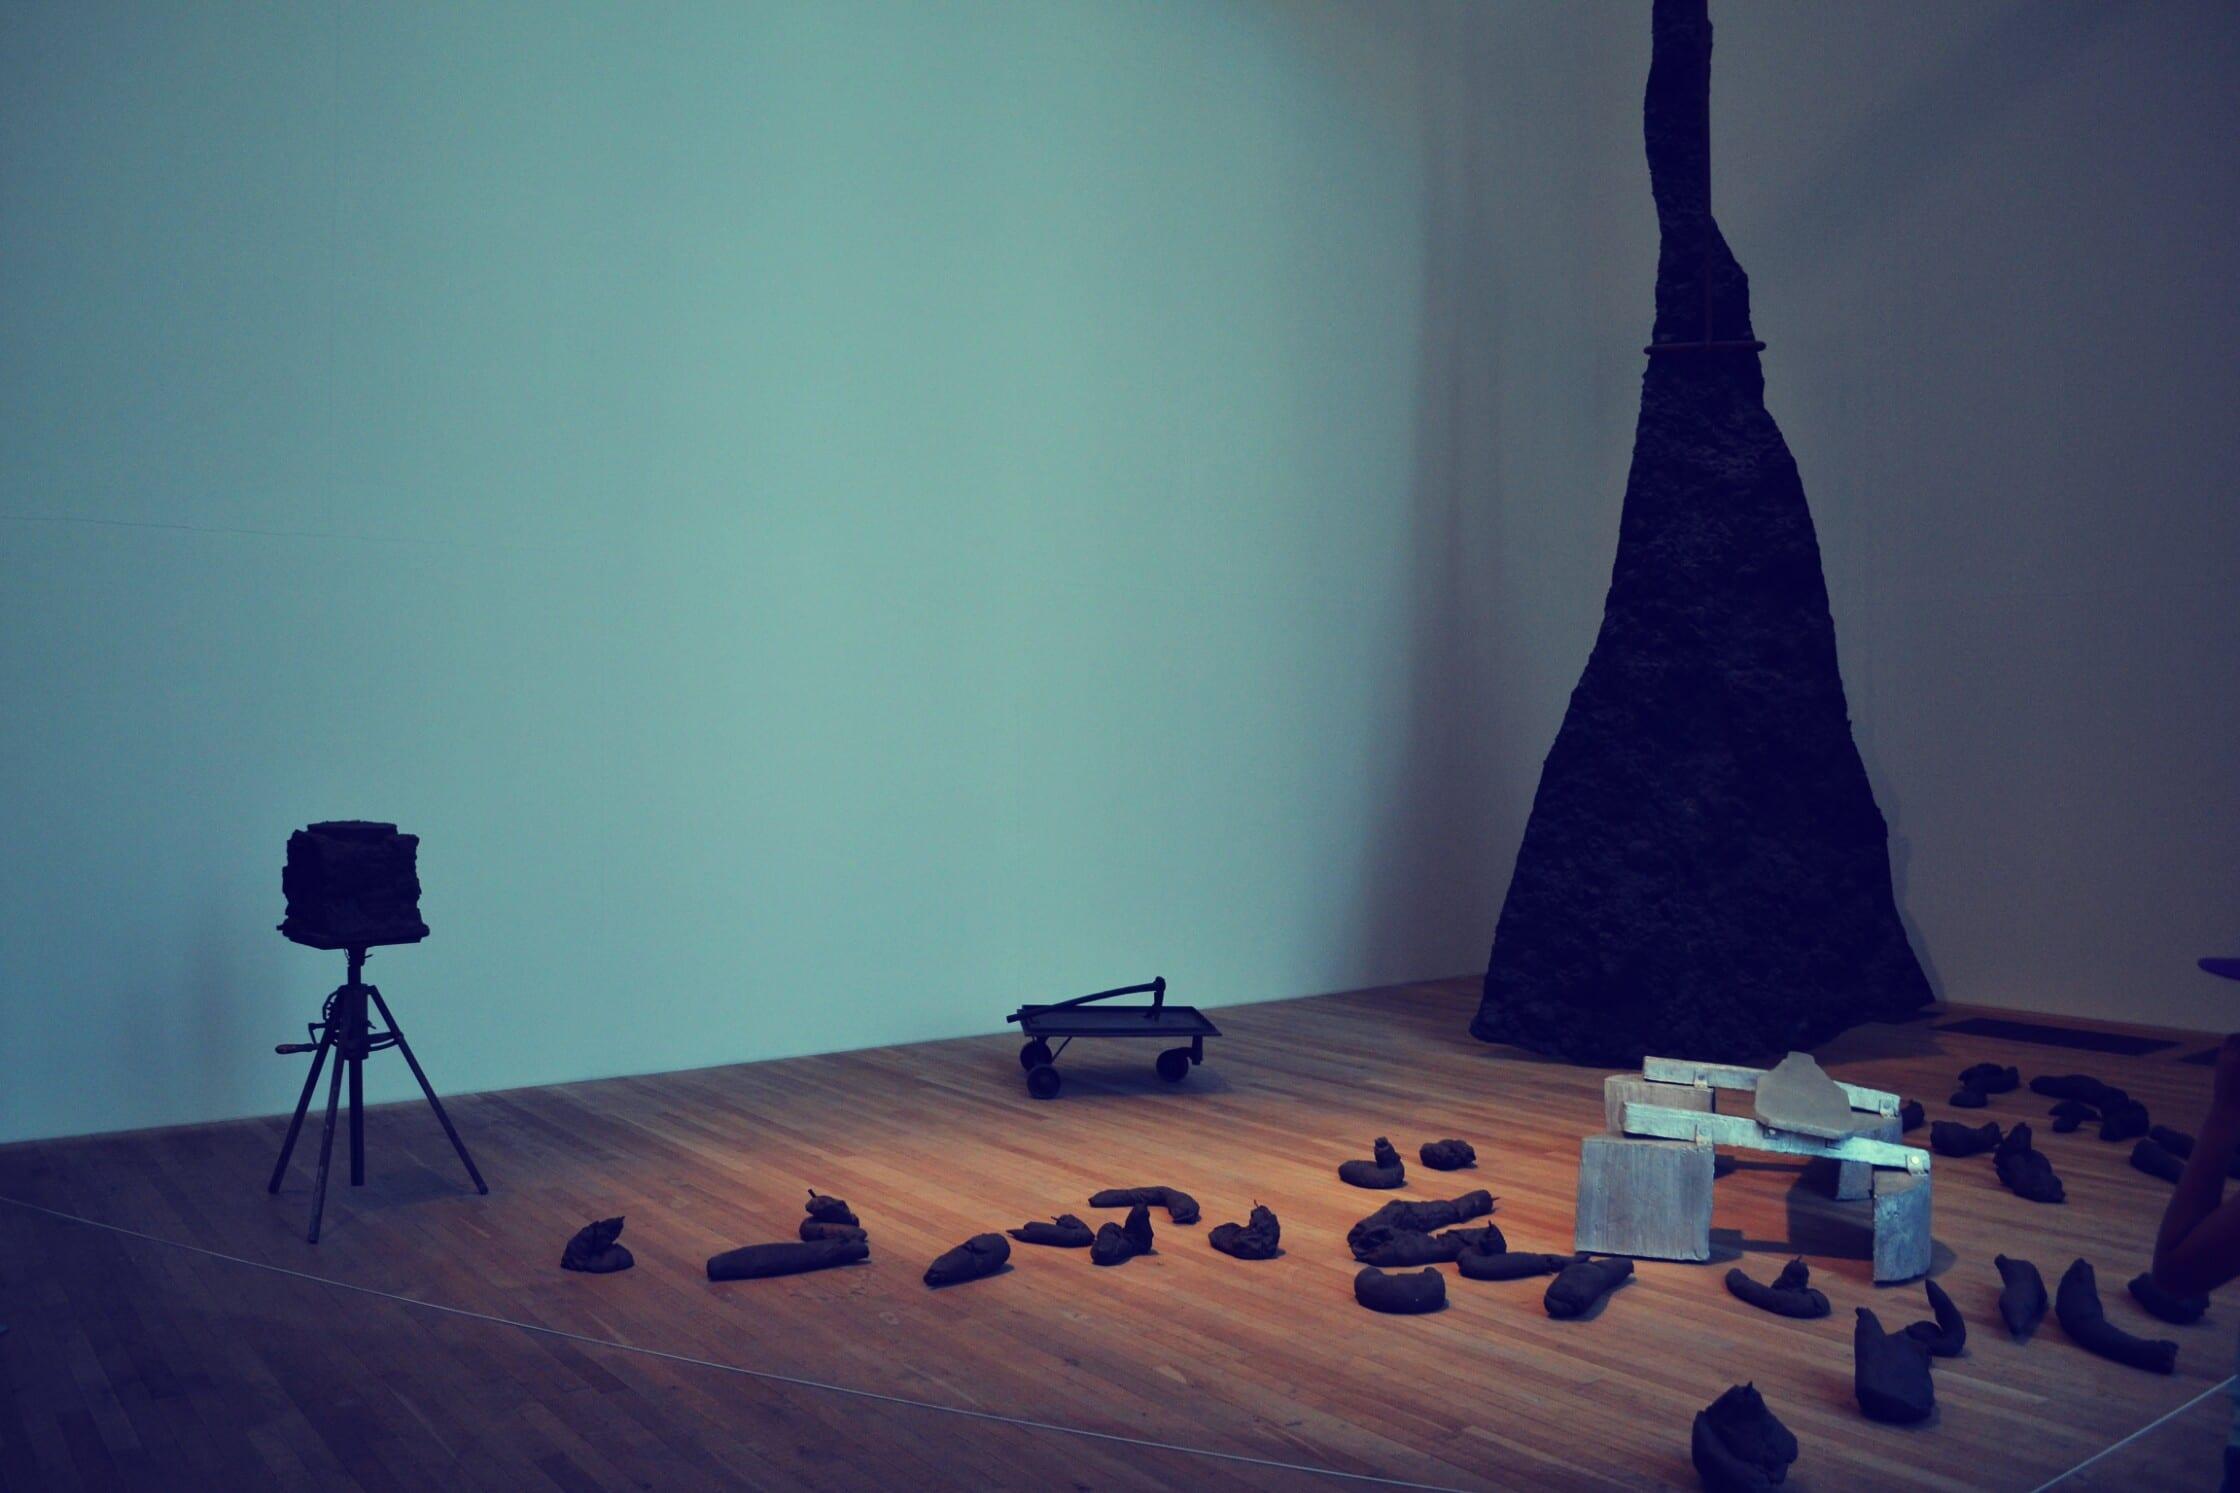 Teilweise sehr abstrakte Kunst wartet auf die Besucher